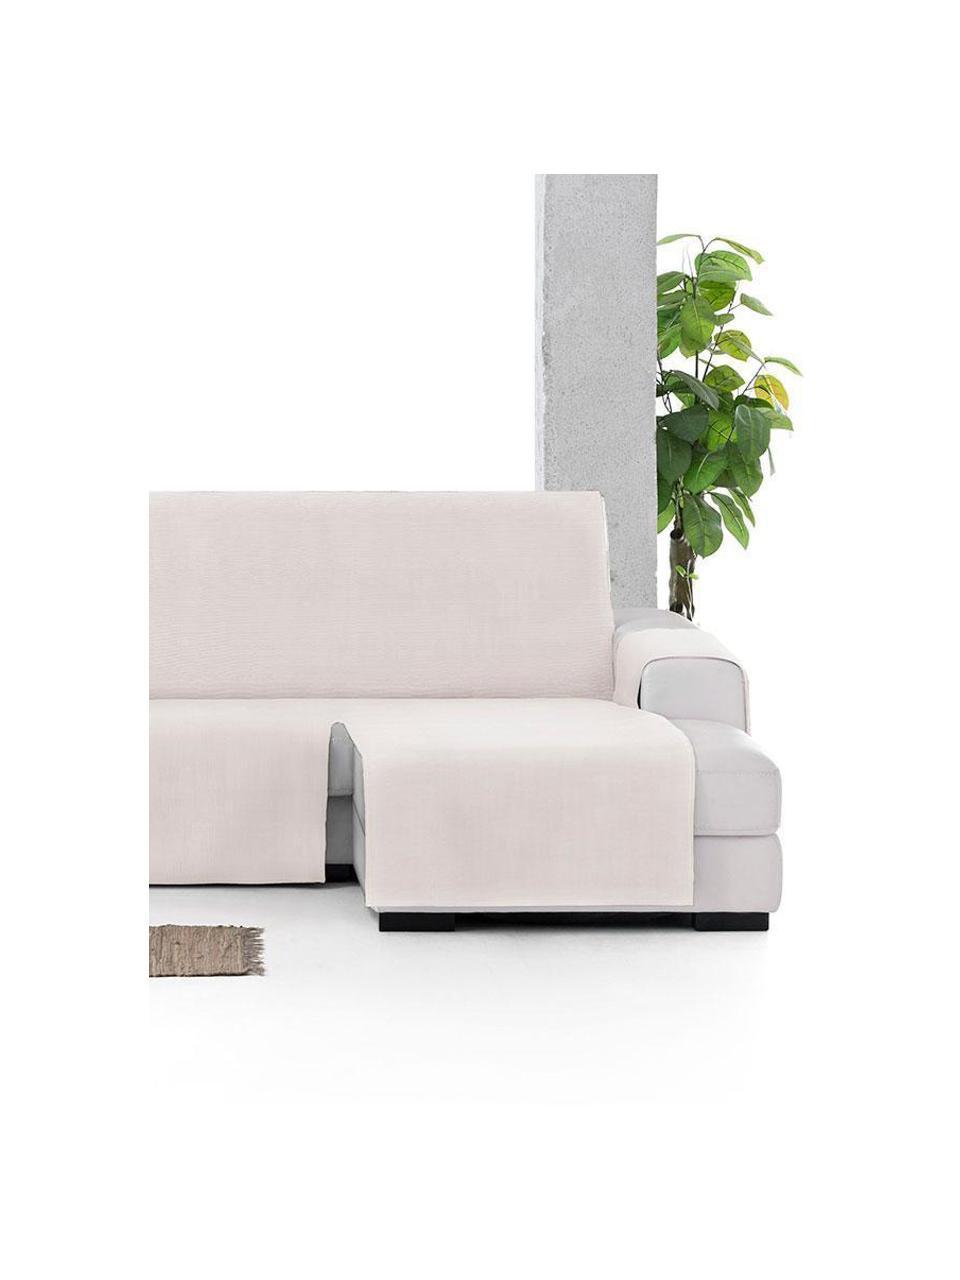 Narzuta na sofę narożną Levante, 65% bawełna, 35% poliester, Odcienie kremowego, S 150 x D 290 cm